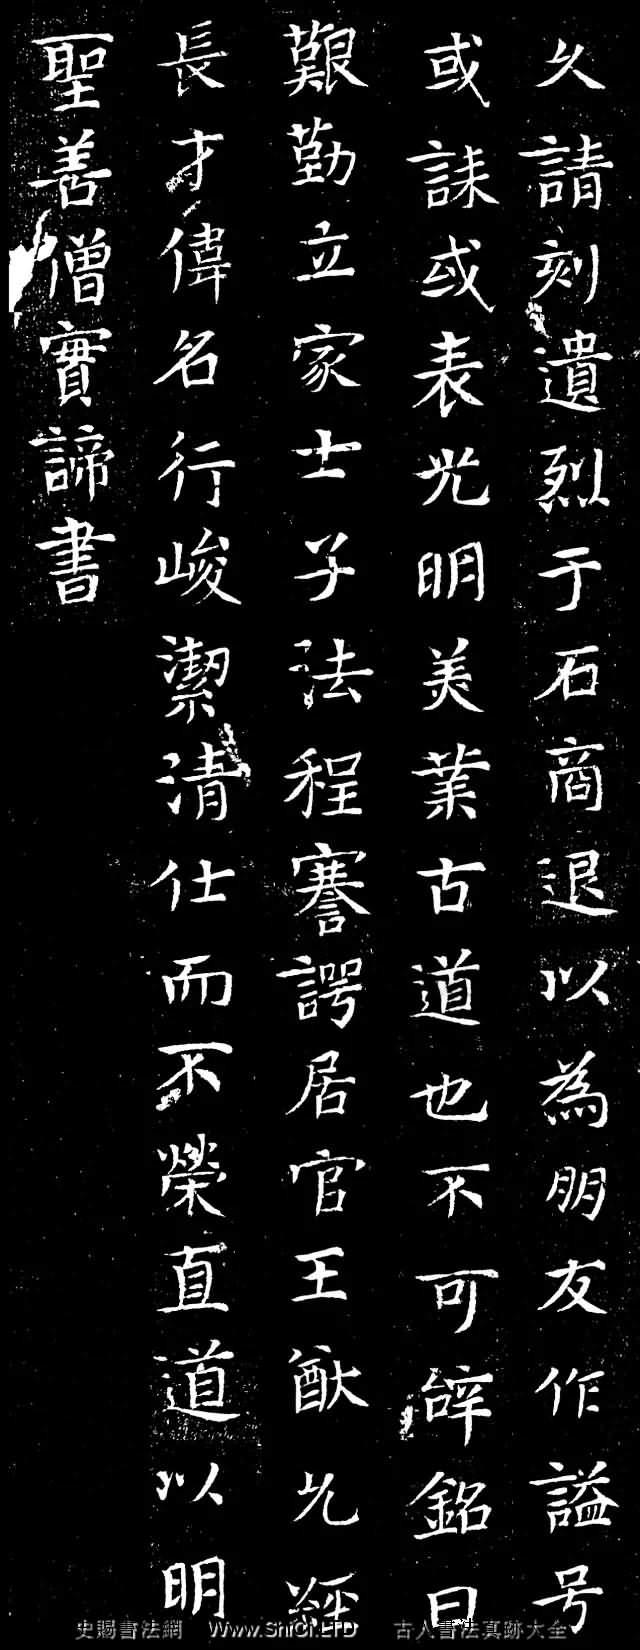 唐代聖善僧實諦楷書《鄭魴墓誌銘》